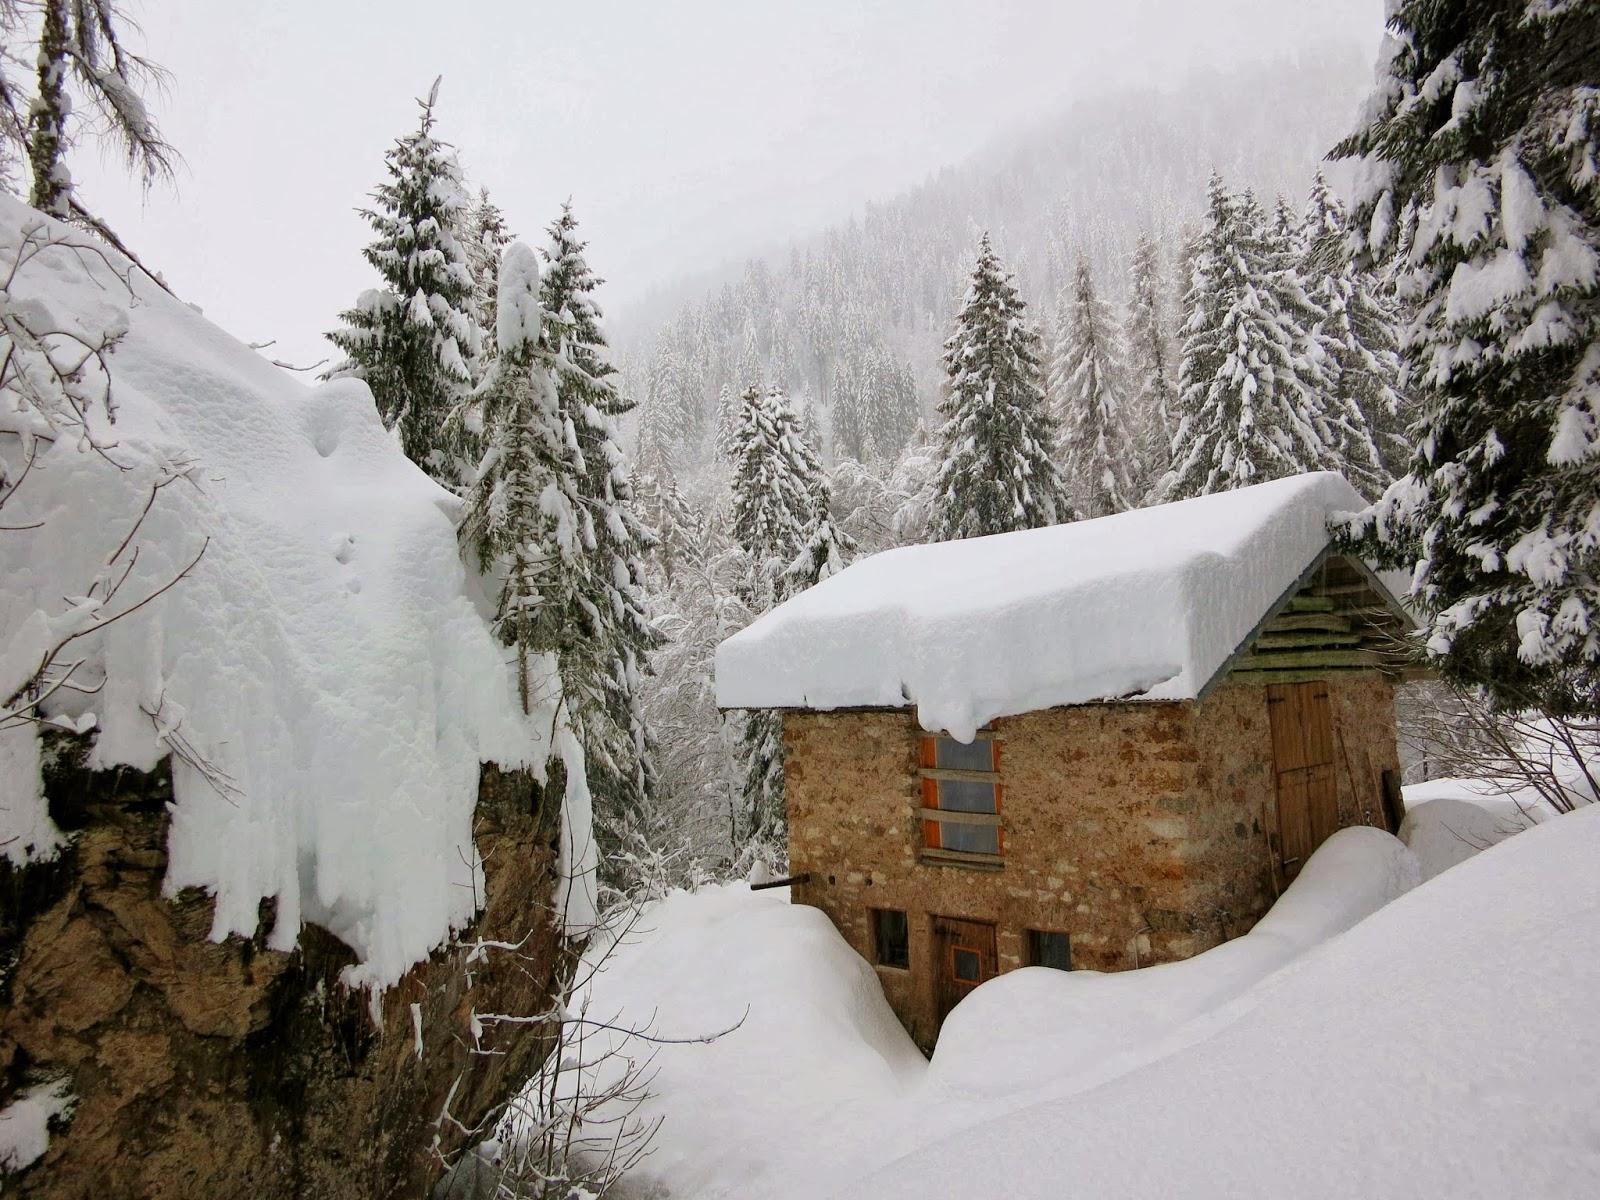 Capre nel bosco inverno for Cattura per capre